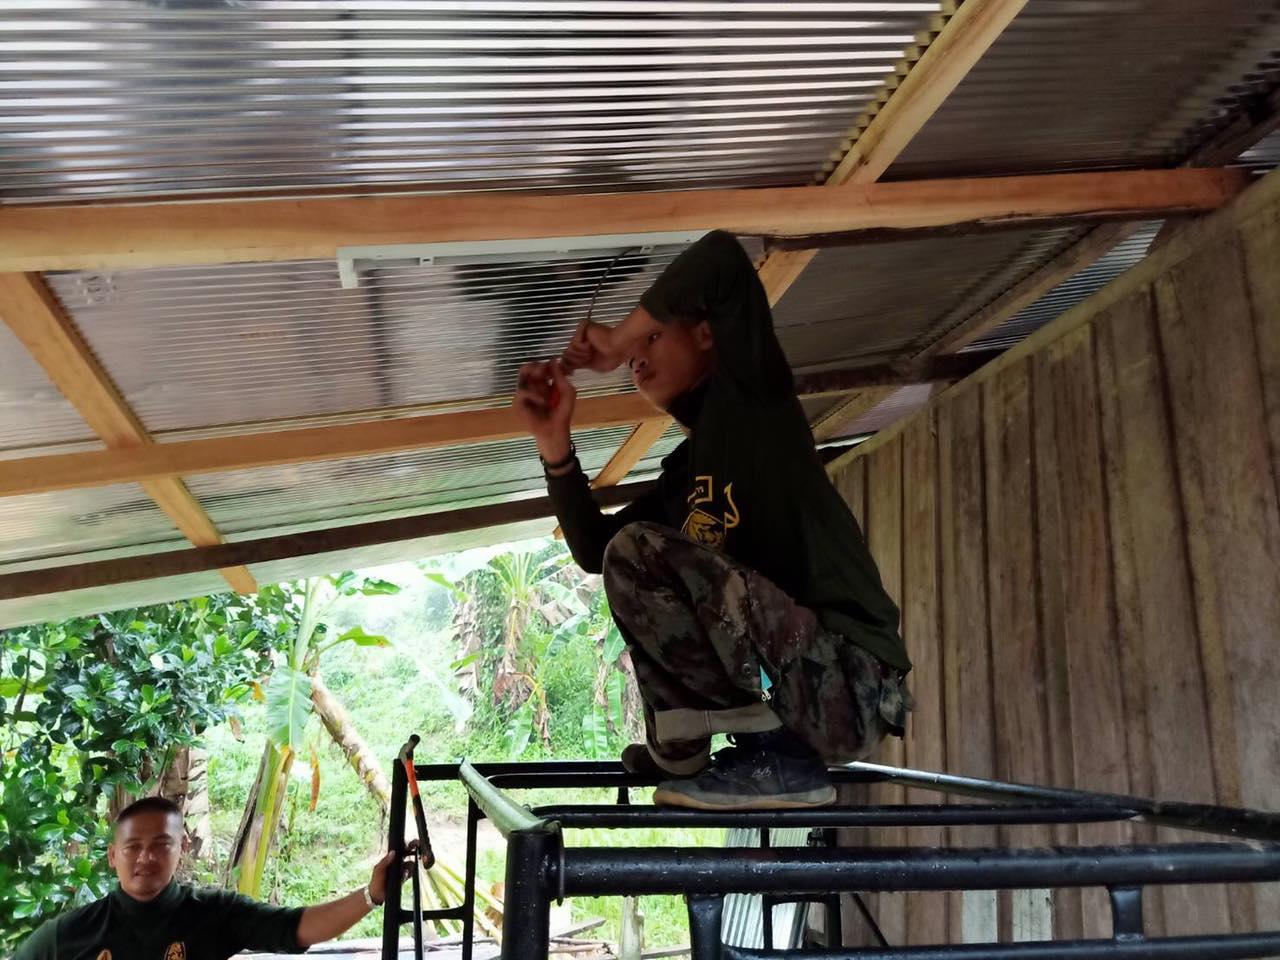 ครงการคนไทยไม่ทิ้งกัน สร้างบ้านให้ผู้ยากไร้ เพื่อถวายเป็นพระราชกุศล